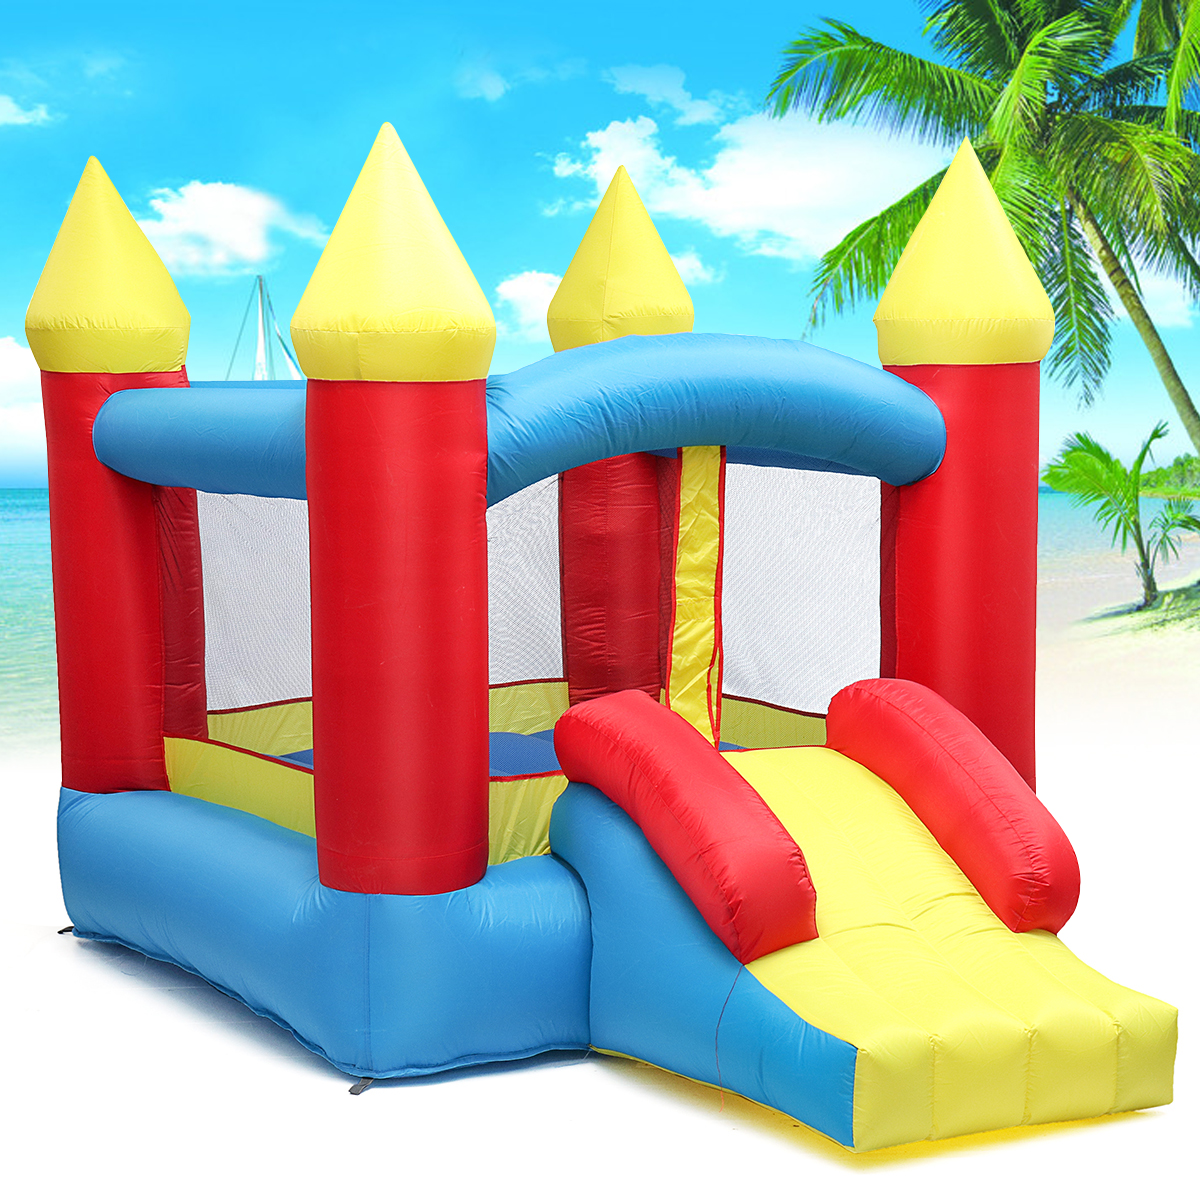 1 комплект надувной замок открытый Крытый Универсальный батут надувной замок игры для детей подарок